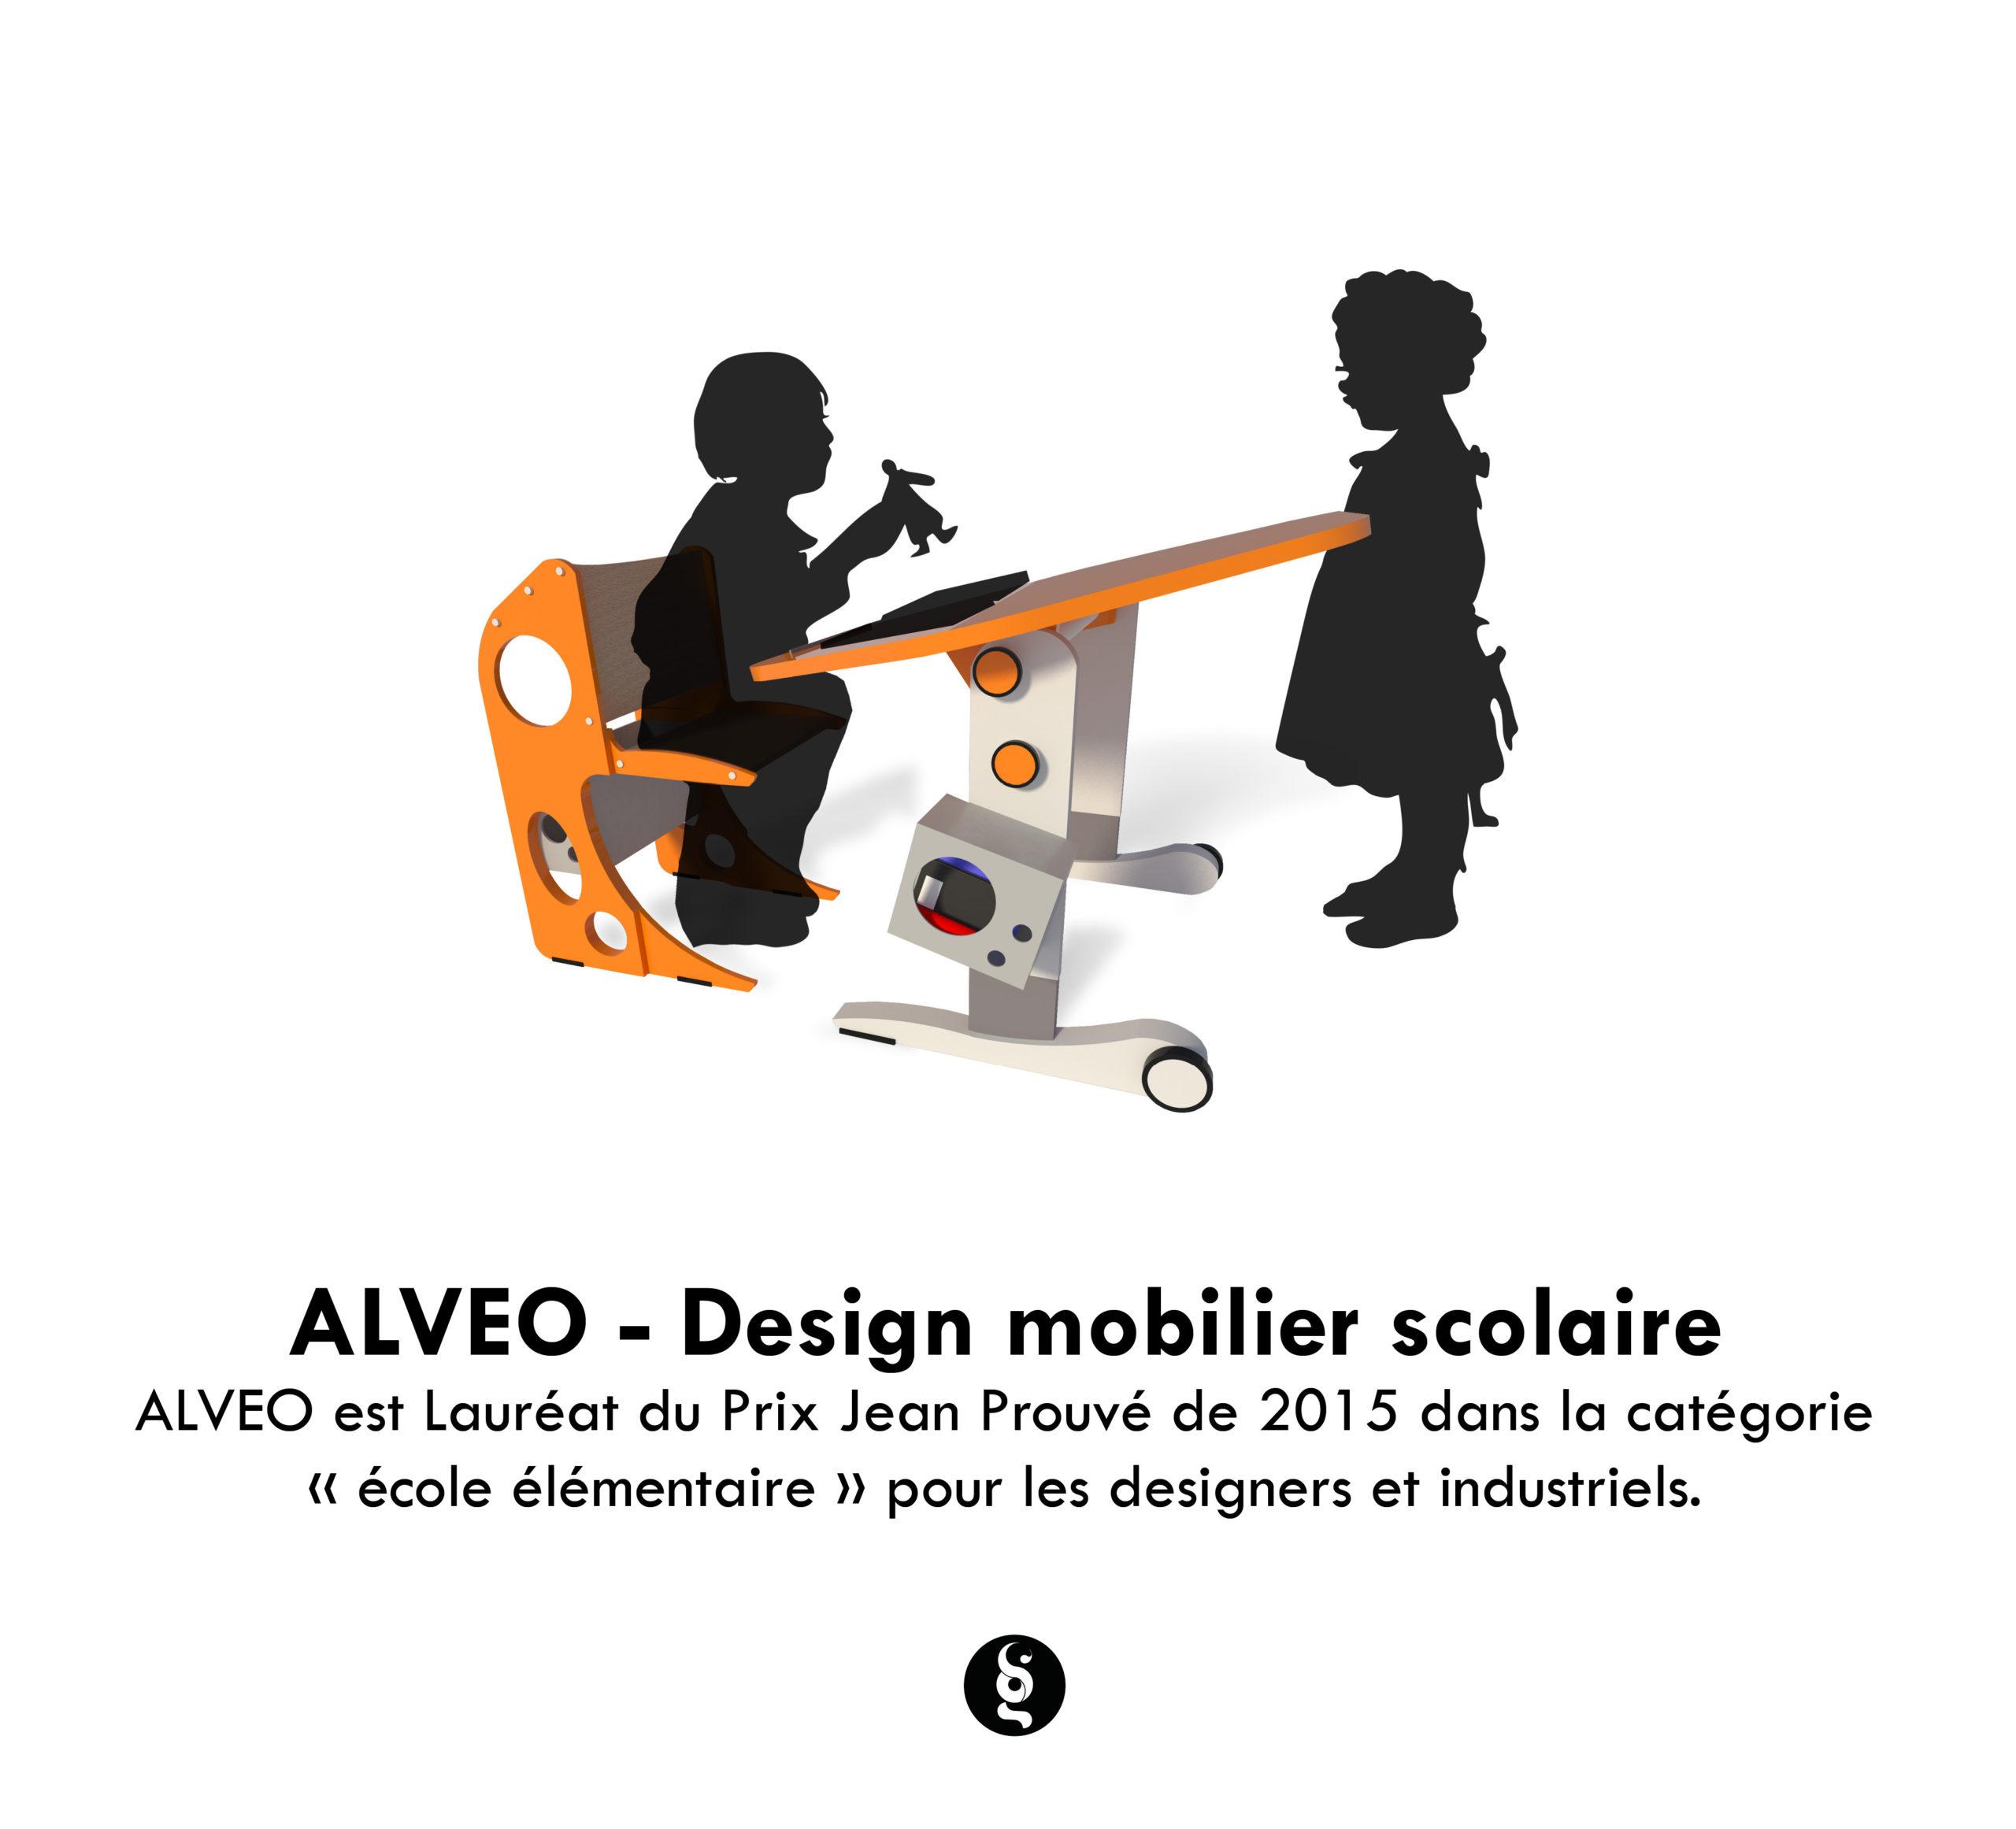 Design mobilier - ALVEO